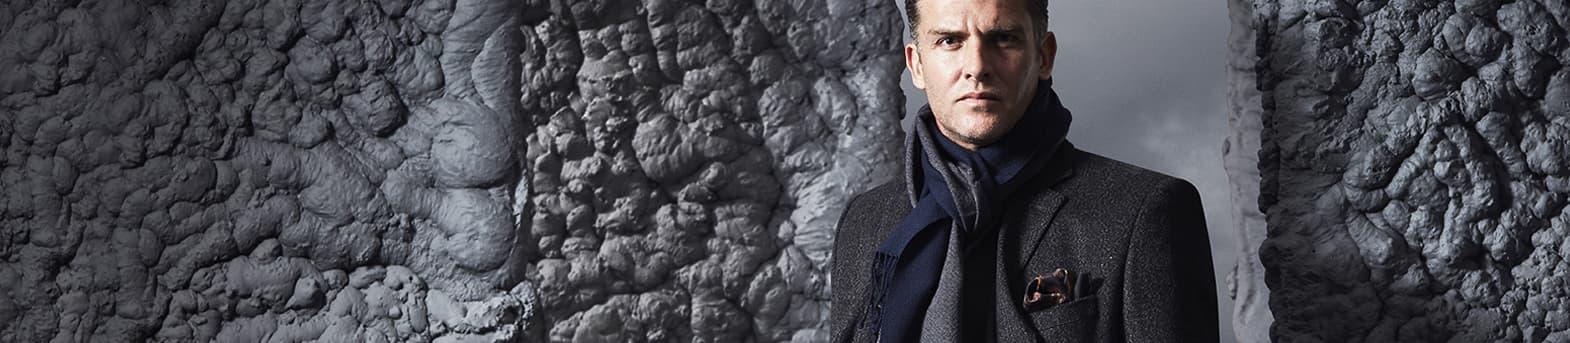 Men's Casual Overcoats